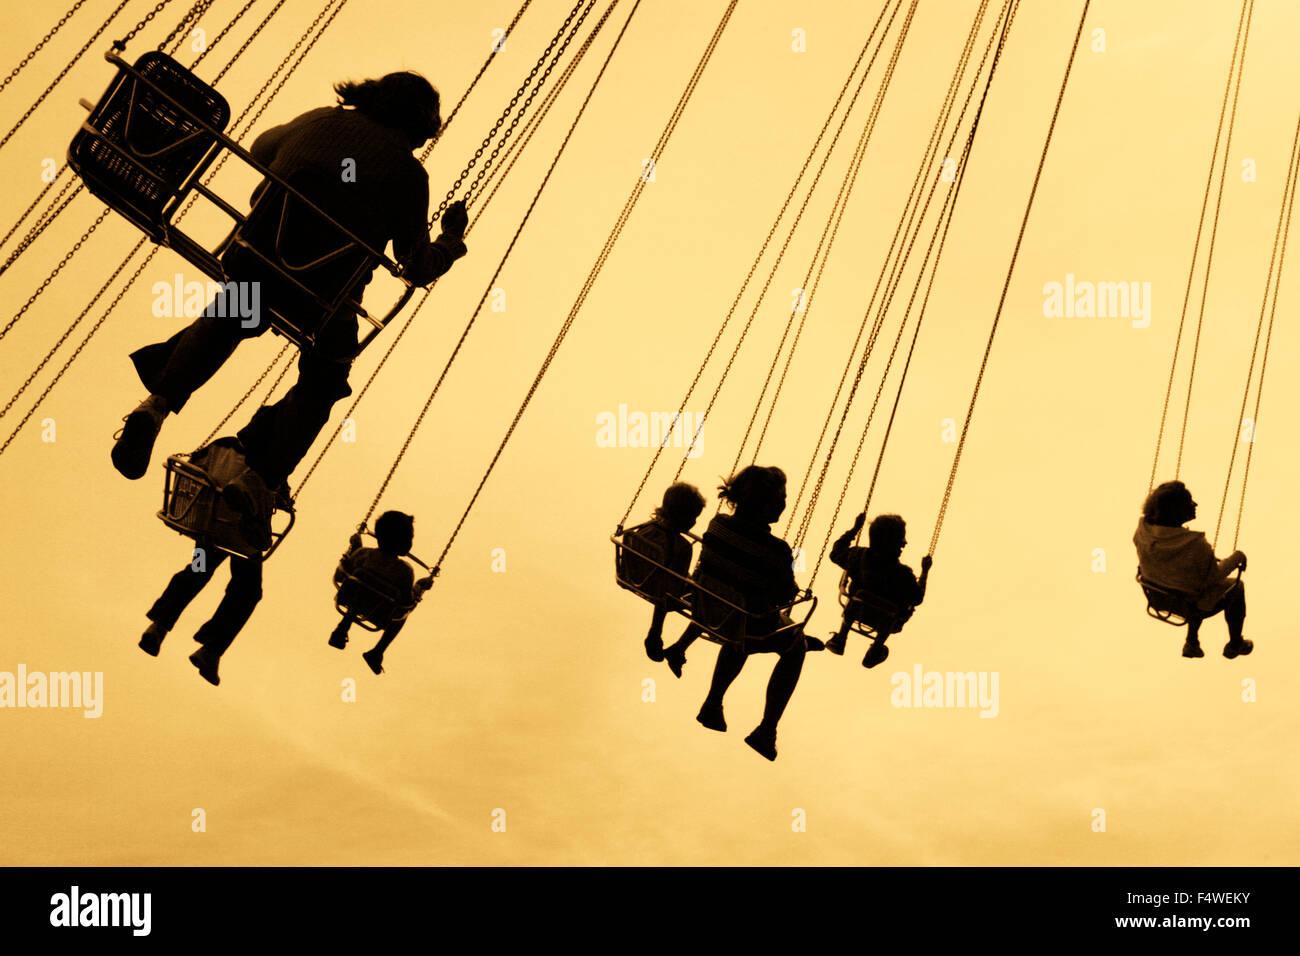 La Suède, Göteborg, Sweden, rue, des silhouettes de personnes sur le parc d'attractions Liseberg en Photo Stock